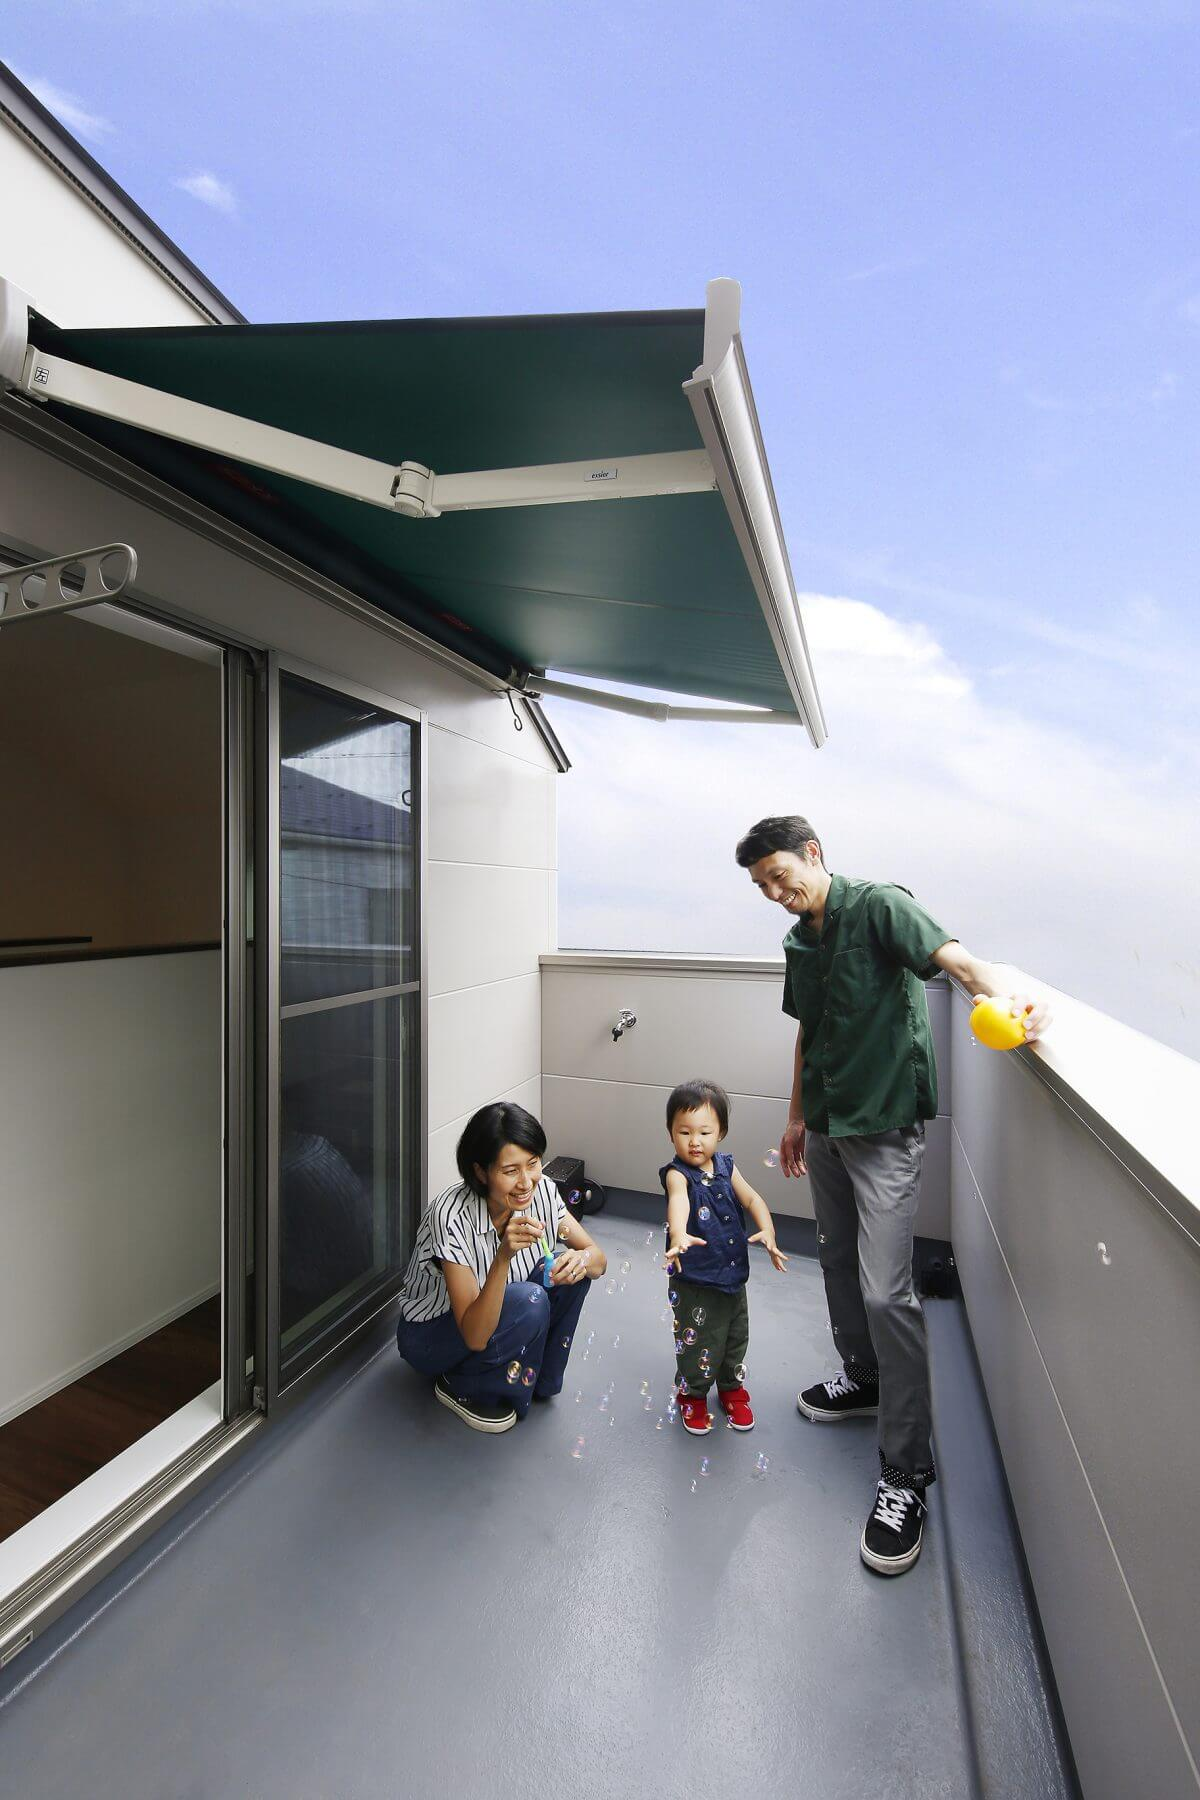 2階LDKには3畳ほどの広いバルコニーを設置。お子様の格好の遊び場となっています。キッチンからも目の届く安心のスペースです。オーニングと水栓も設けているため、夏はプールや食事なども楽しめます。